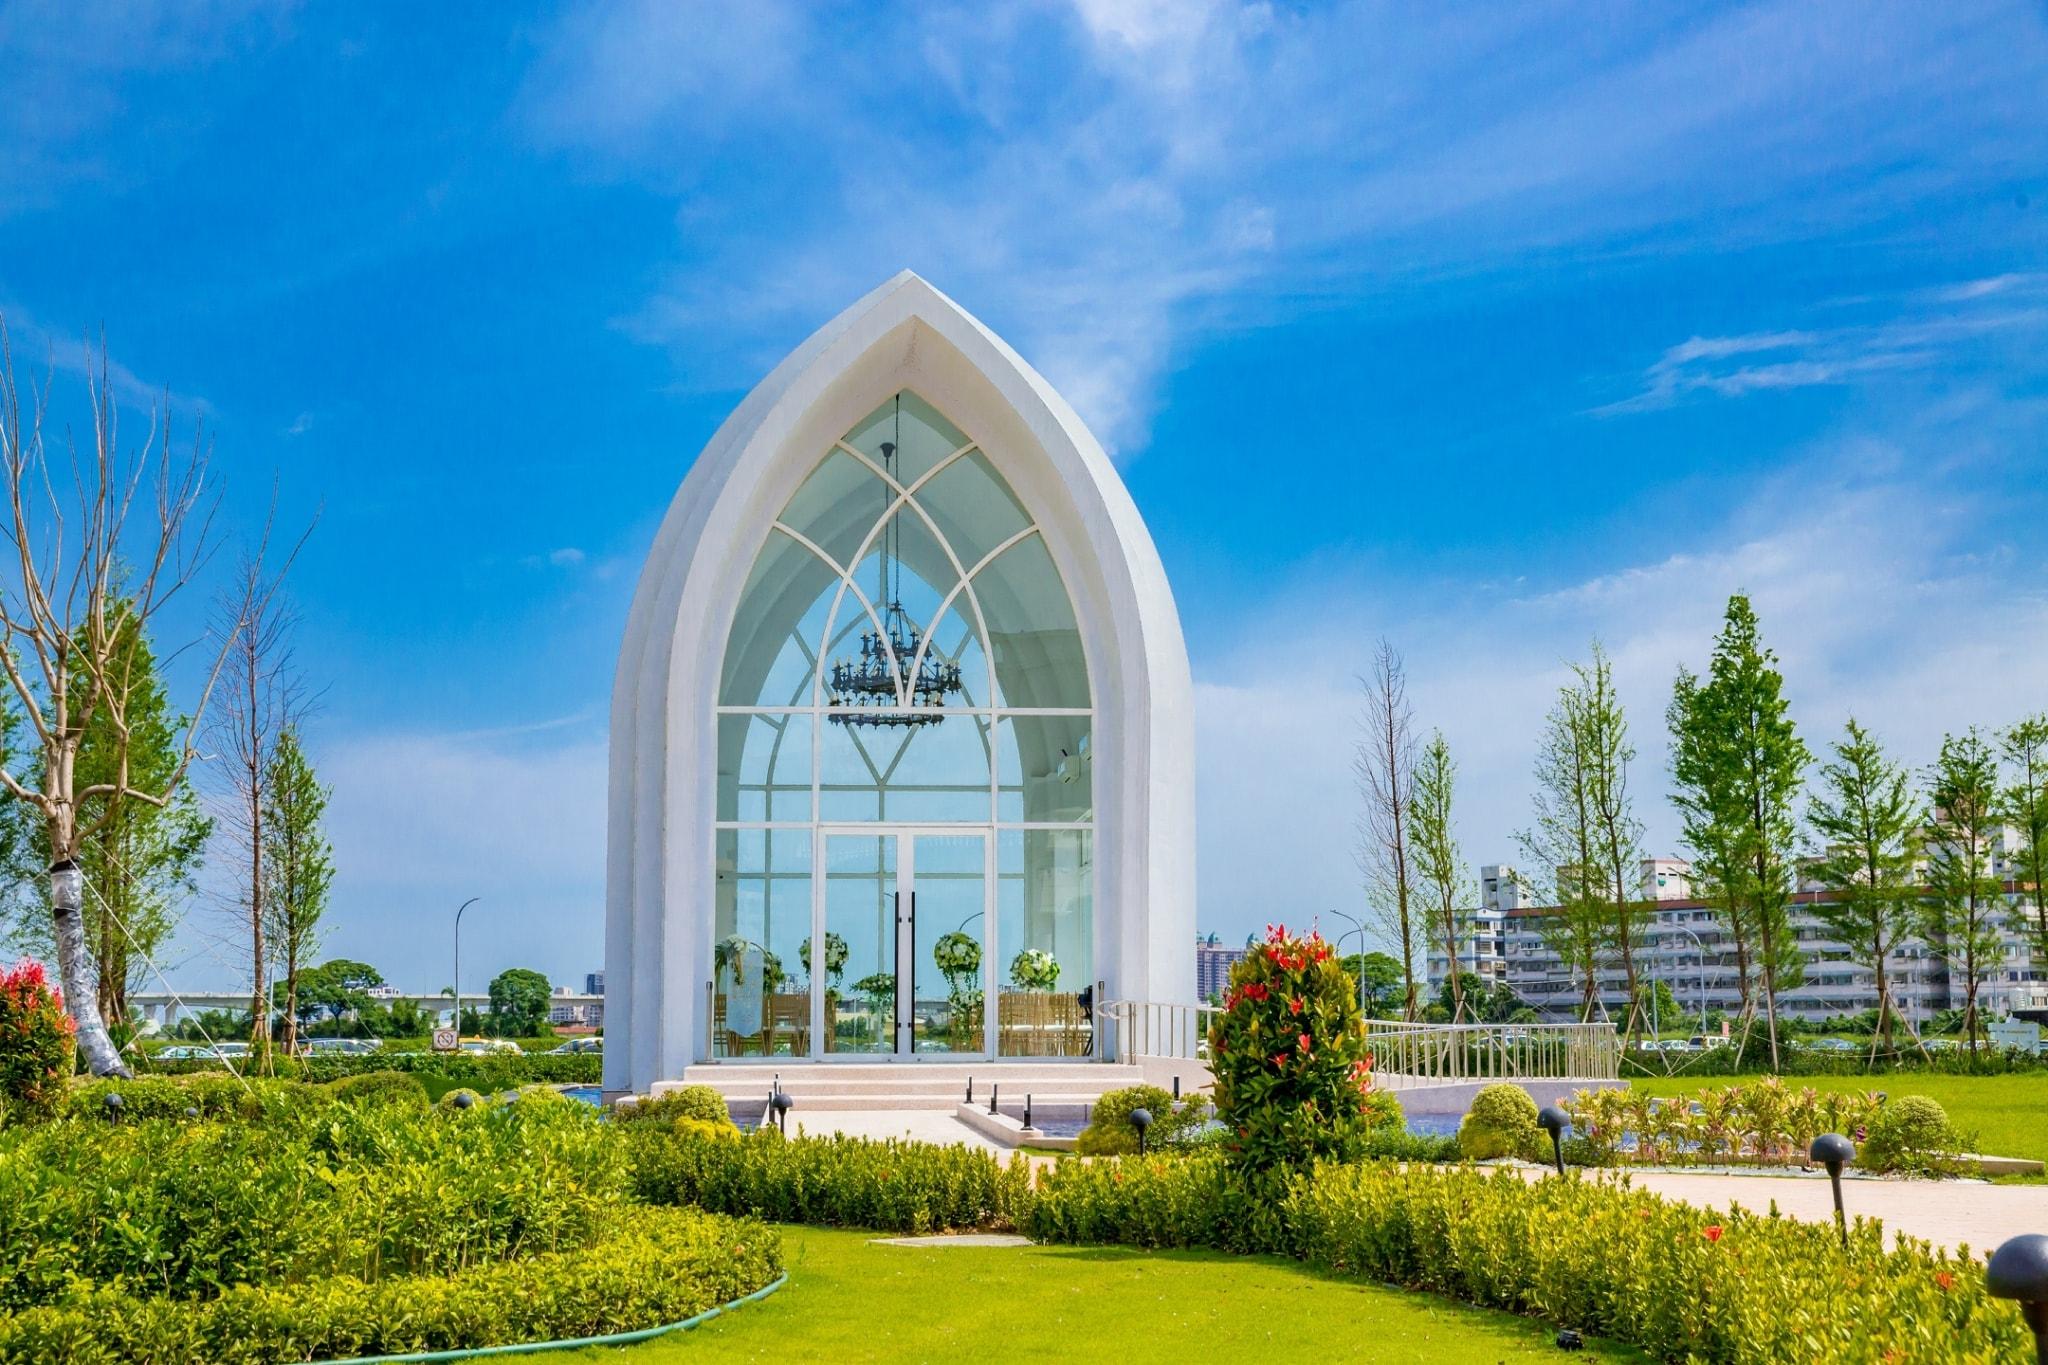 皇家薇庭婚宴會館占地廣闊,水上白色玻璃教堂相當吸睛。圖/皇家薇庭Royal Wedding莊園式婚宴會館臉書粉絲專頁